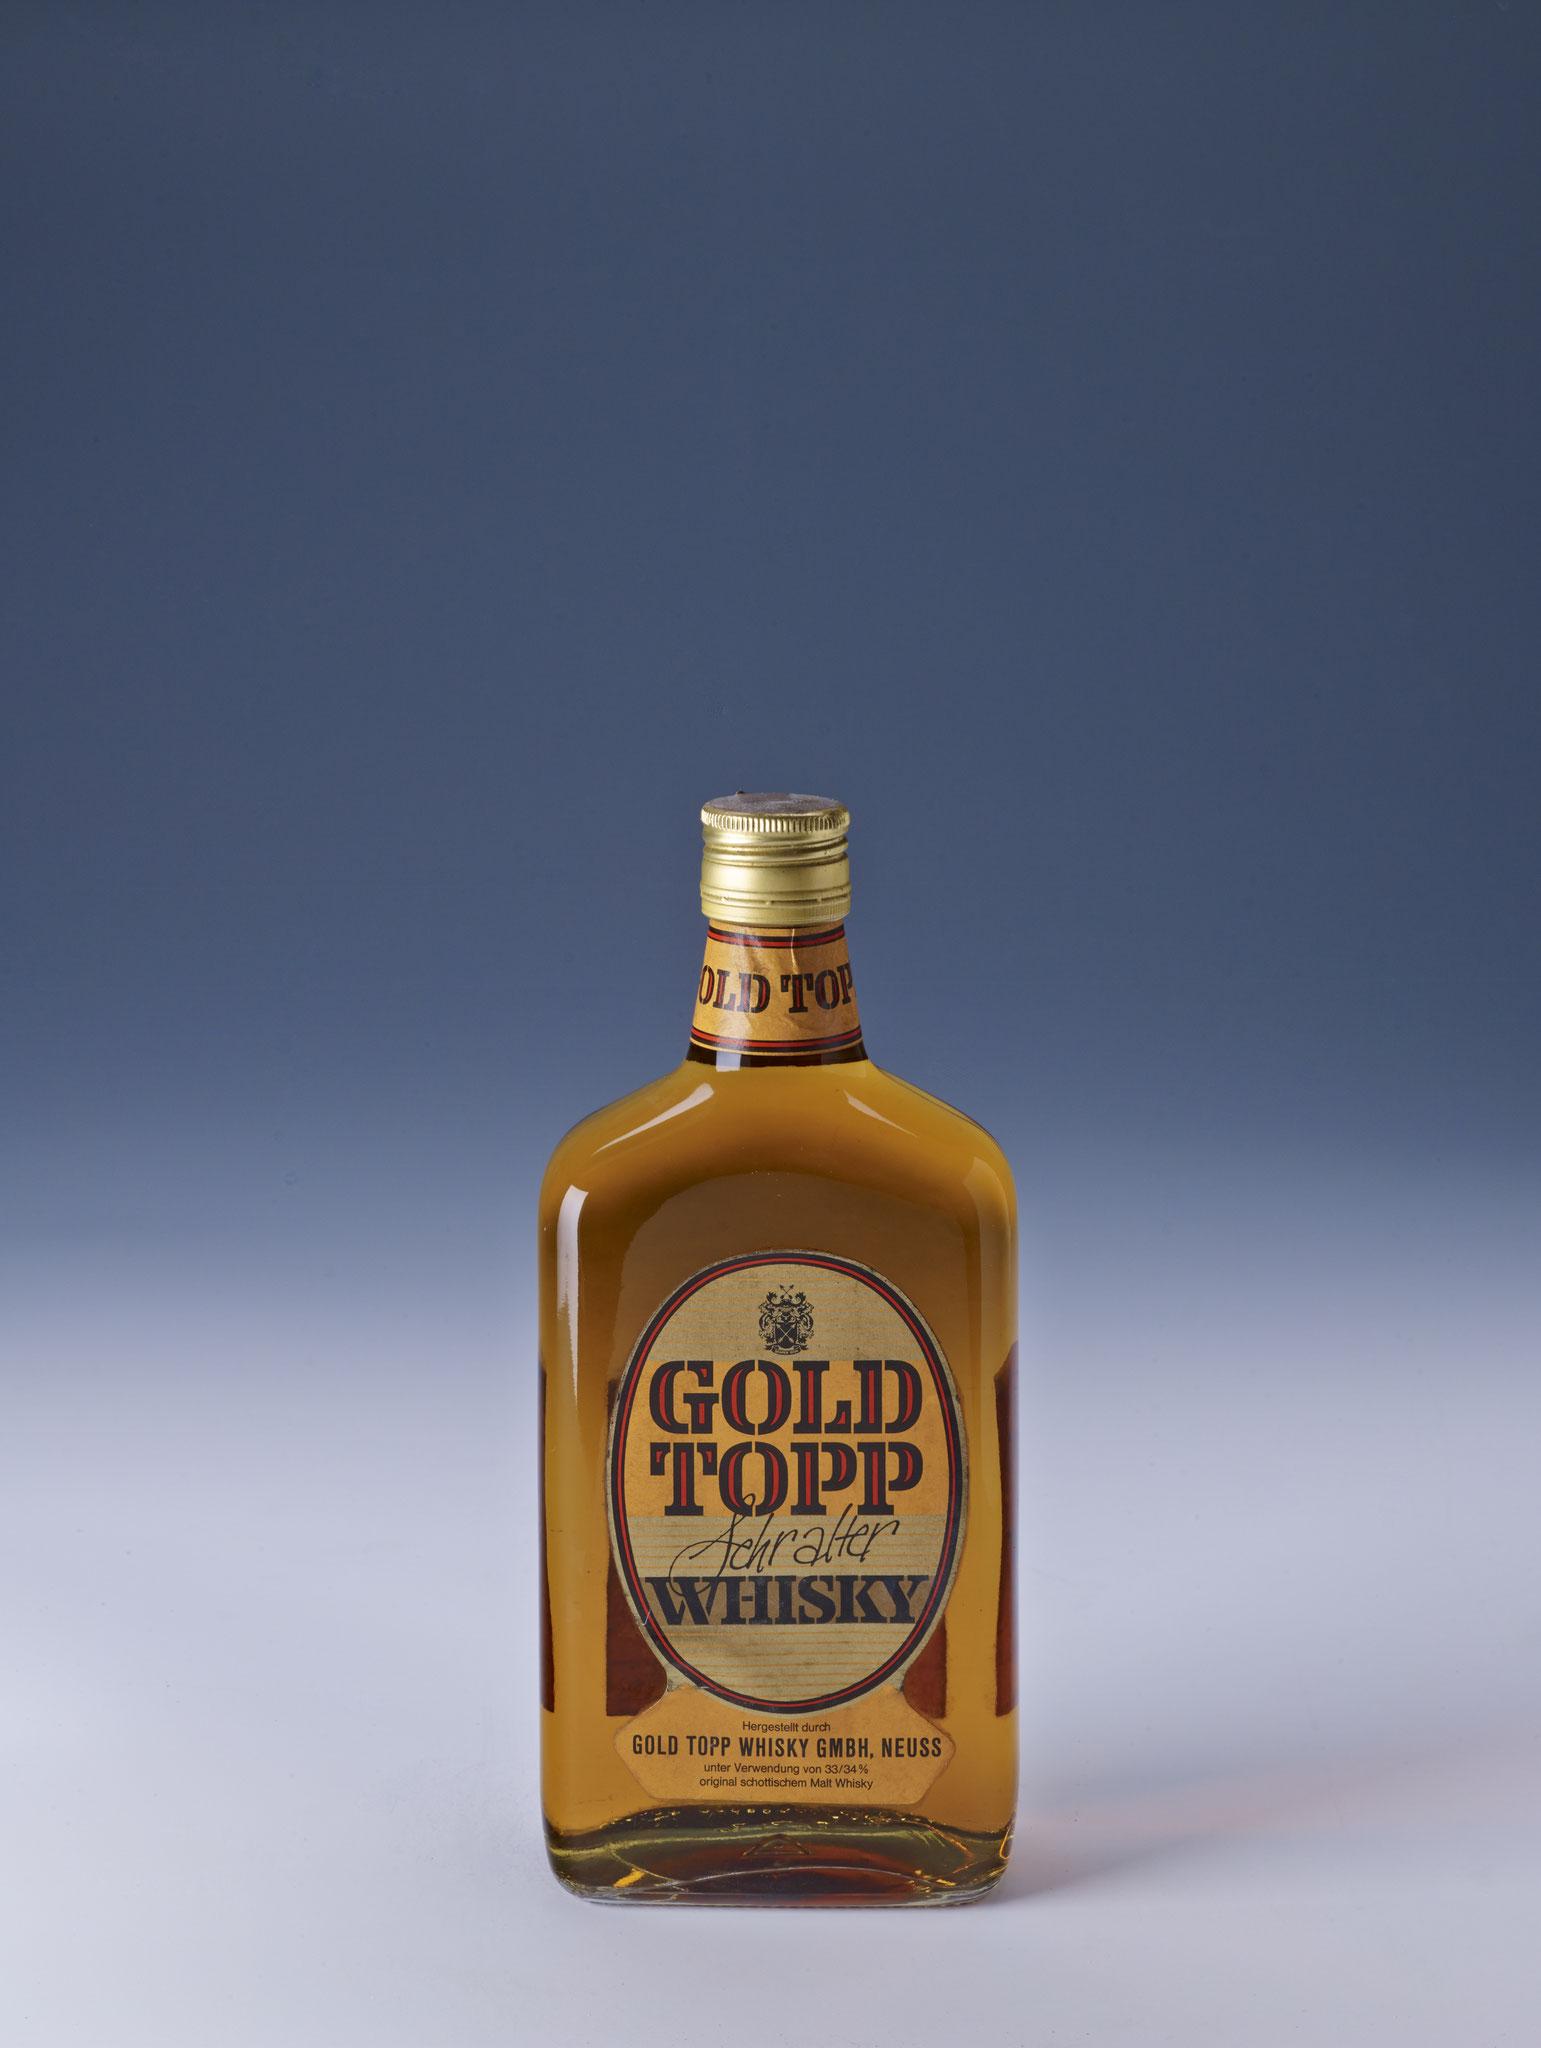 Gold Topp Whisky GmbH, Neuss